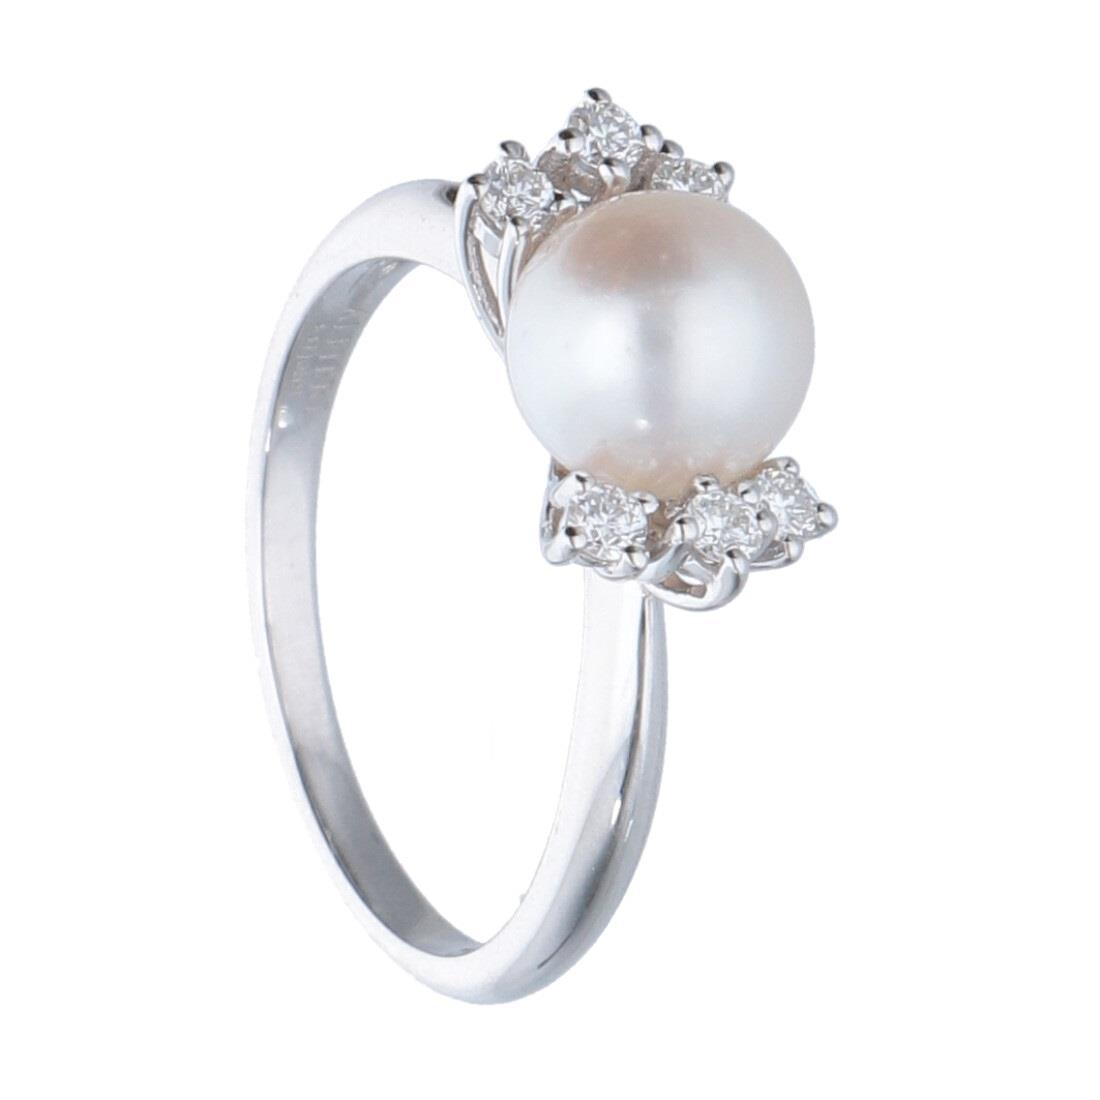 Anello con diamanti e perla - ALFIERI & ST. JOHN